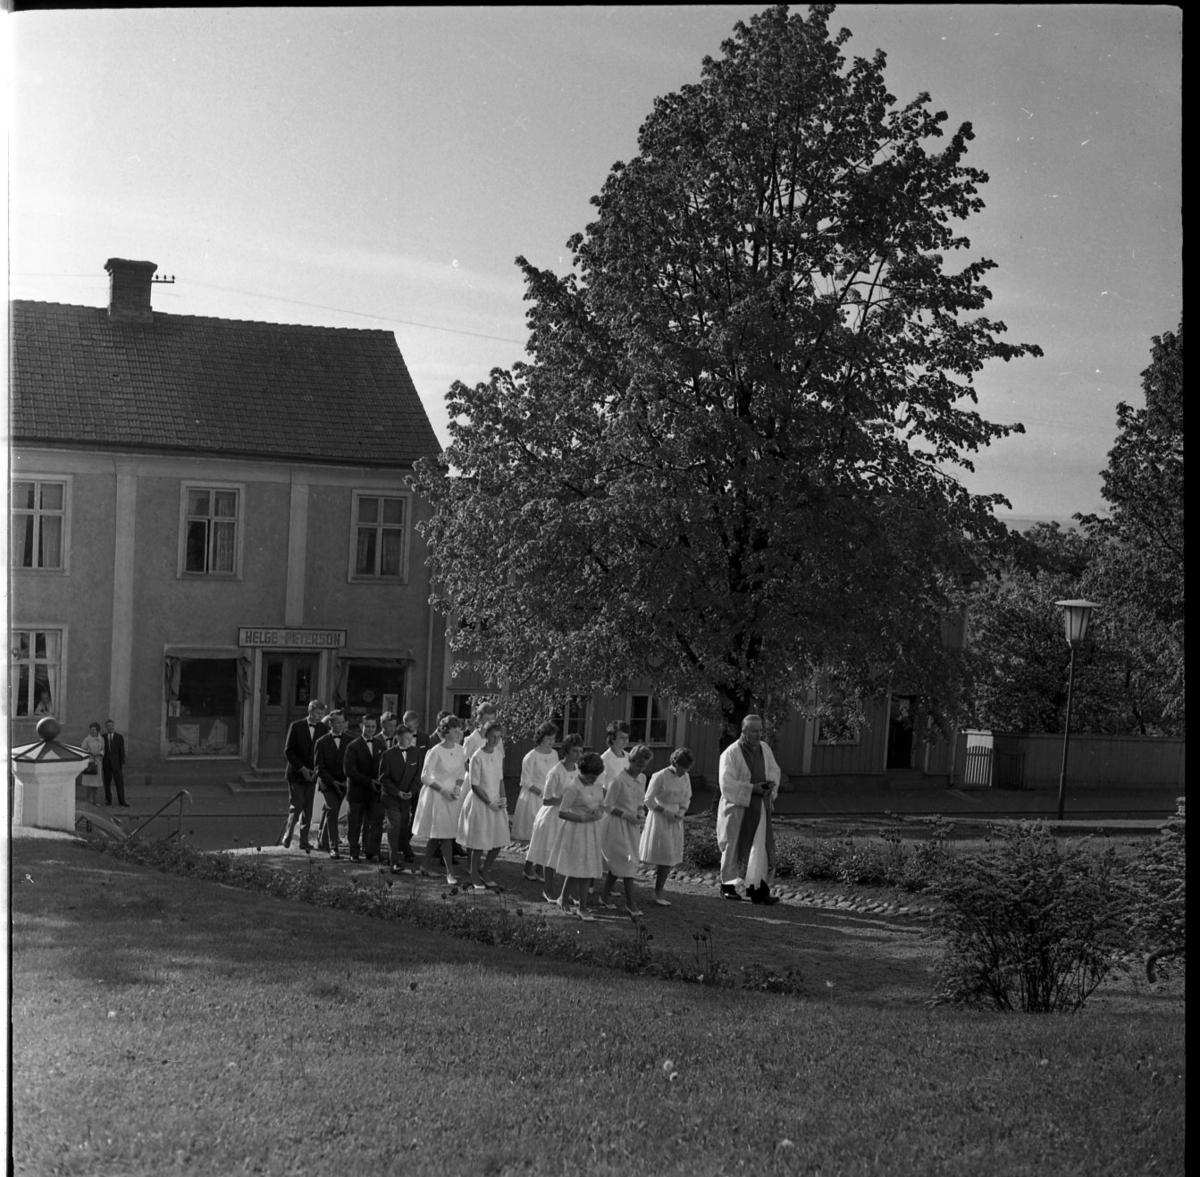 """Konfirmander på väg in till Gränna kyrka med kyrkoherde Wallis Wendel i täten. Utmed Brahegatan skymtar en fastighet med skylten """"Helge Peterson"""""""